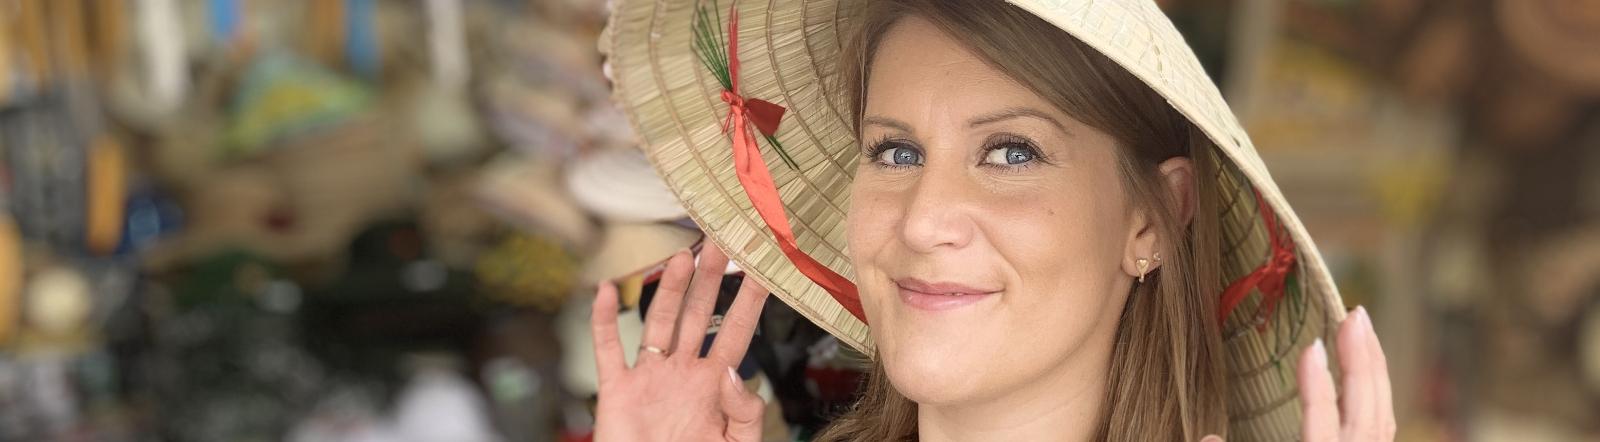 Unterwegs in Asian: Sterneköchin Julia Komp mit Kegelhut